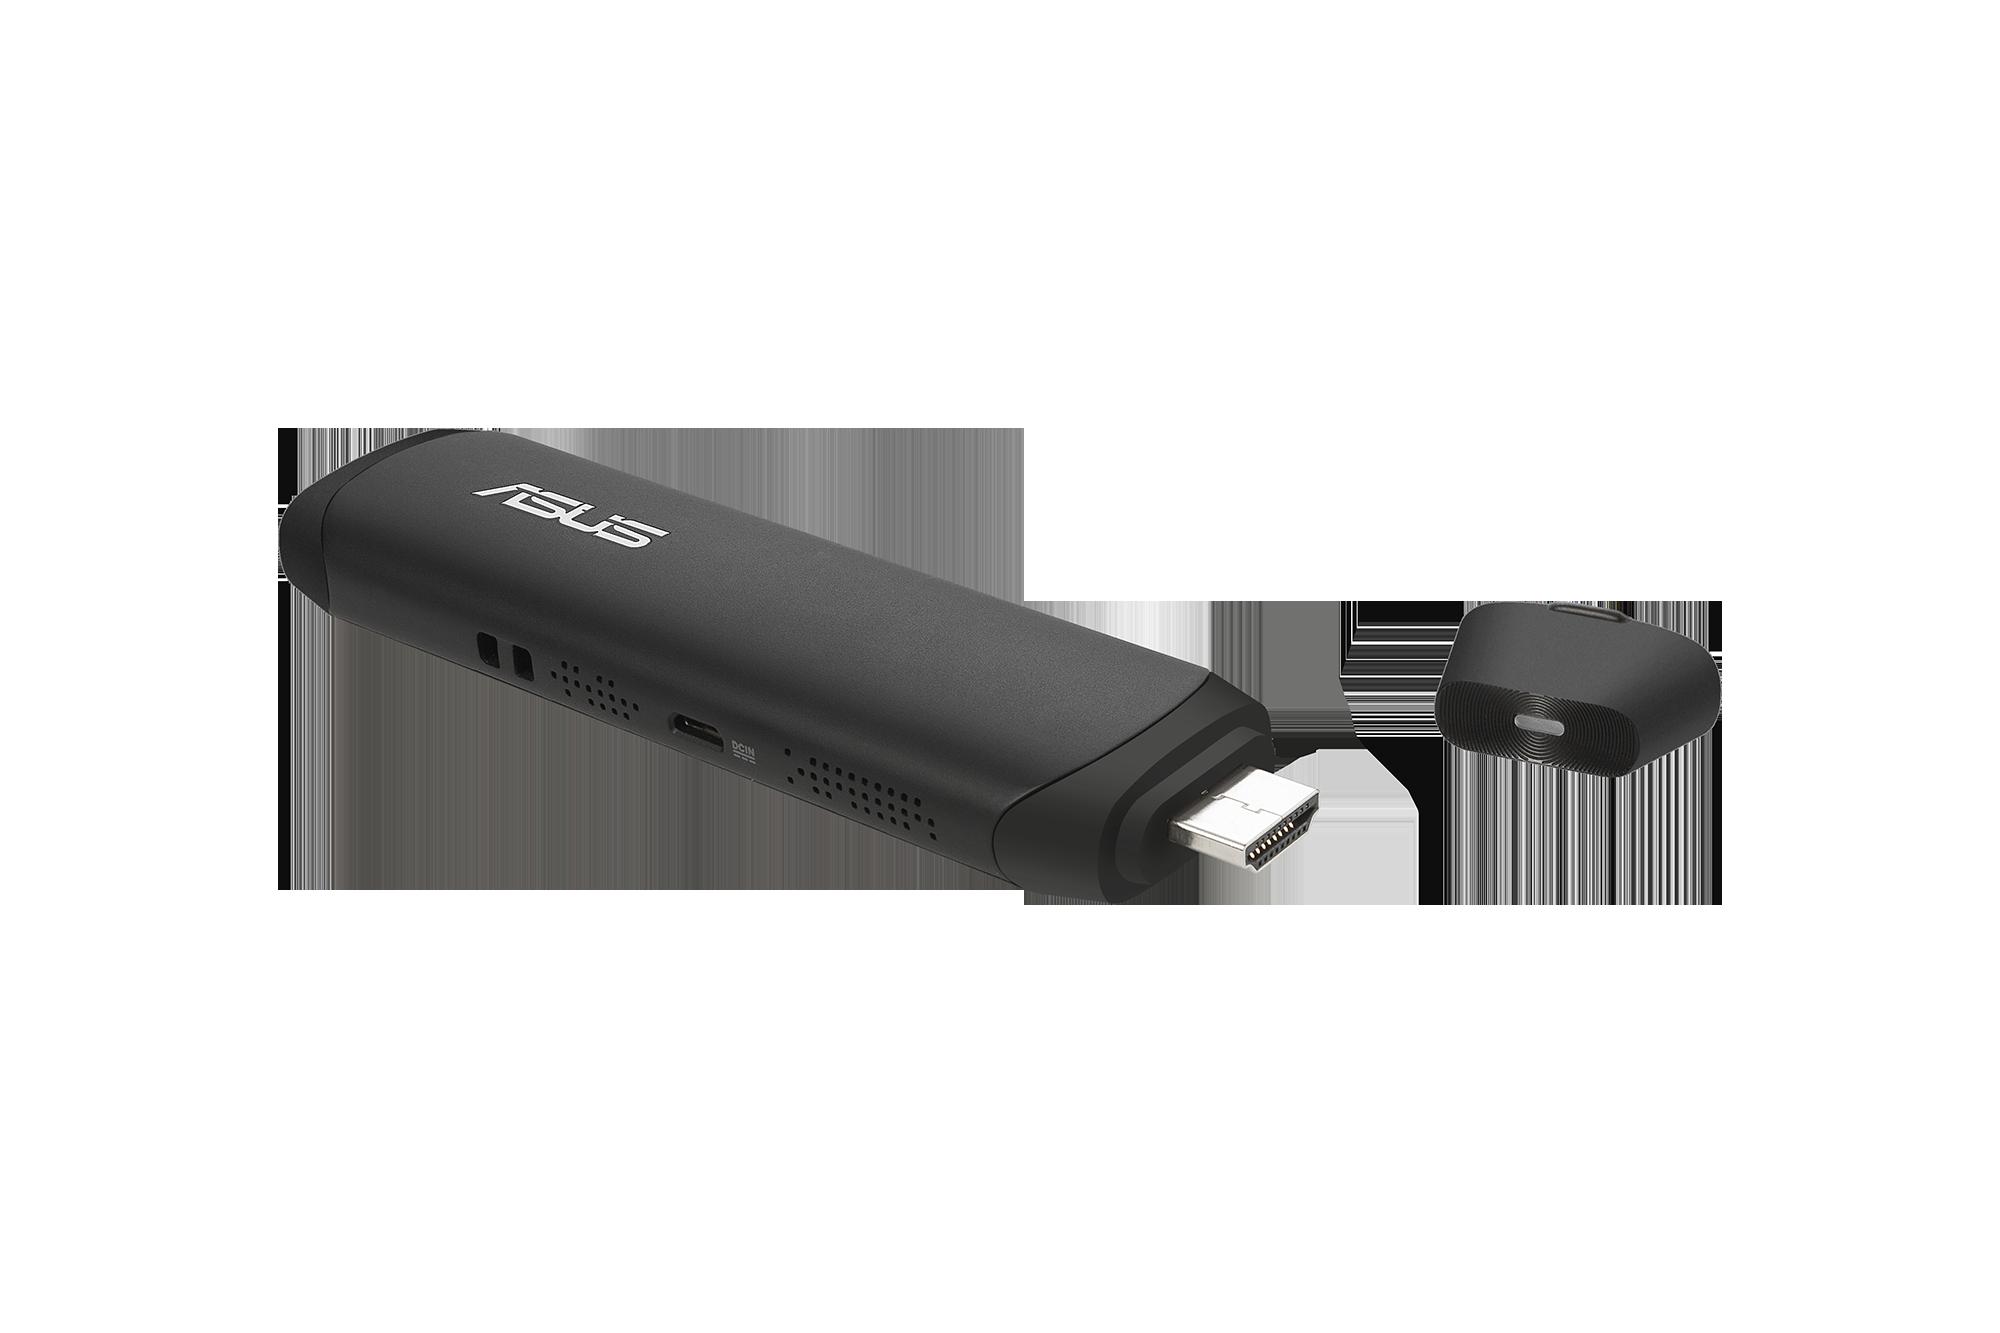 VivoStick-TS10-black-3D-cap-off